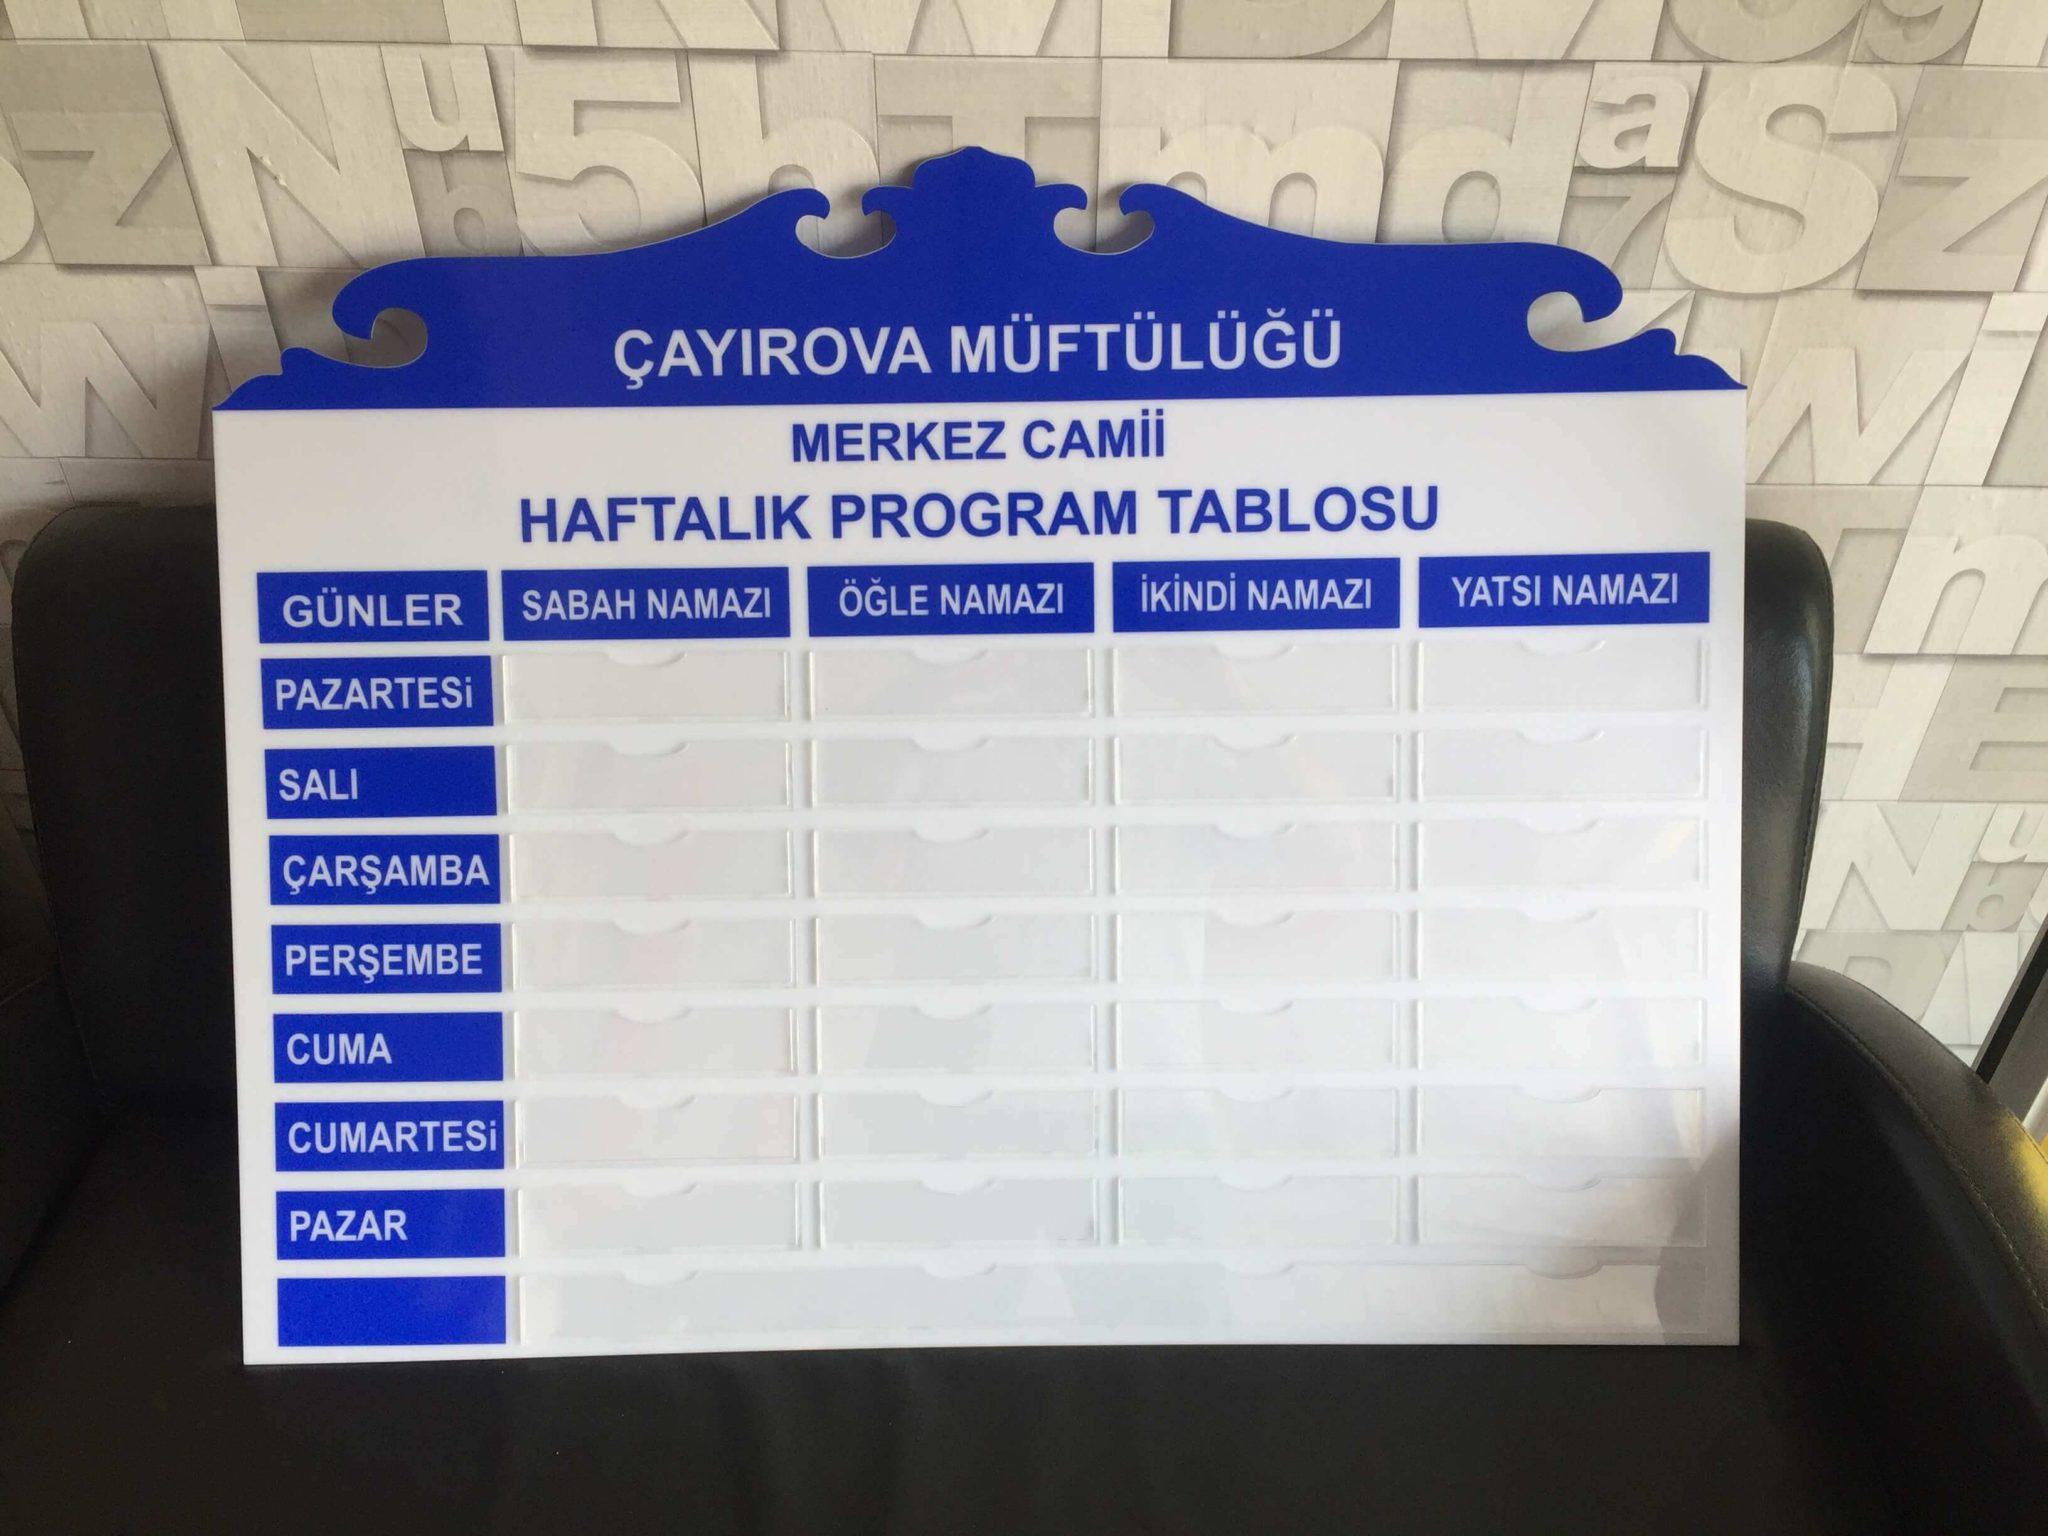 Haftalık Program Tablosu